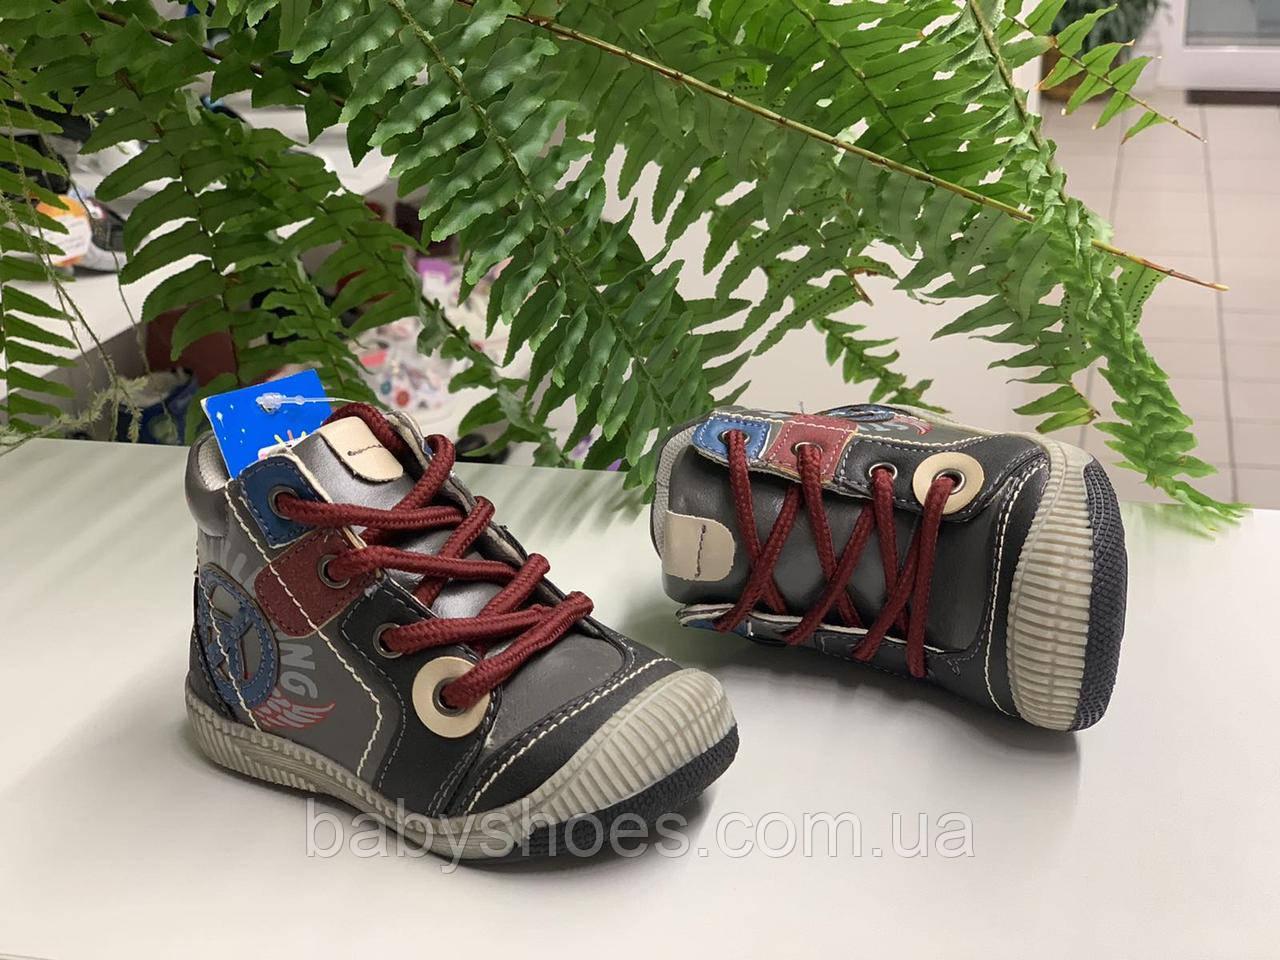 Демисезонные ботинки для мальчика,Солнце. р.21,ДМ-1